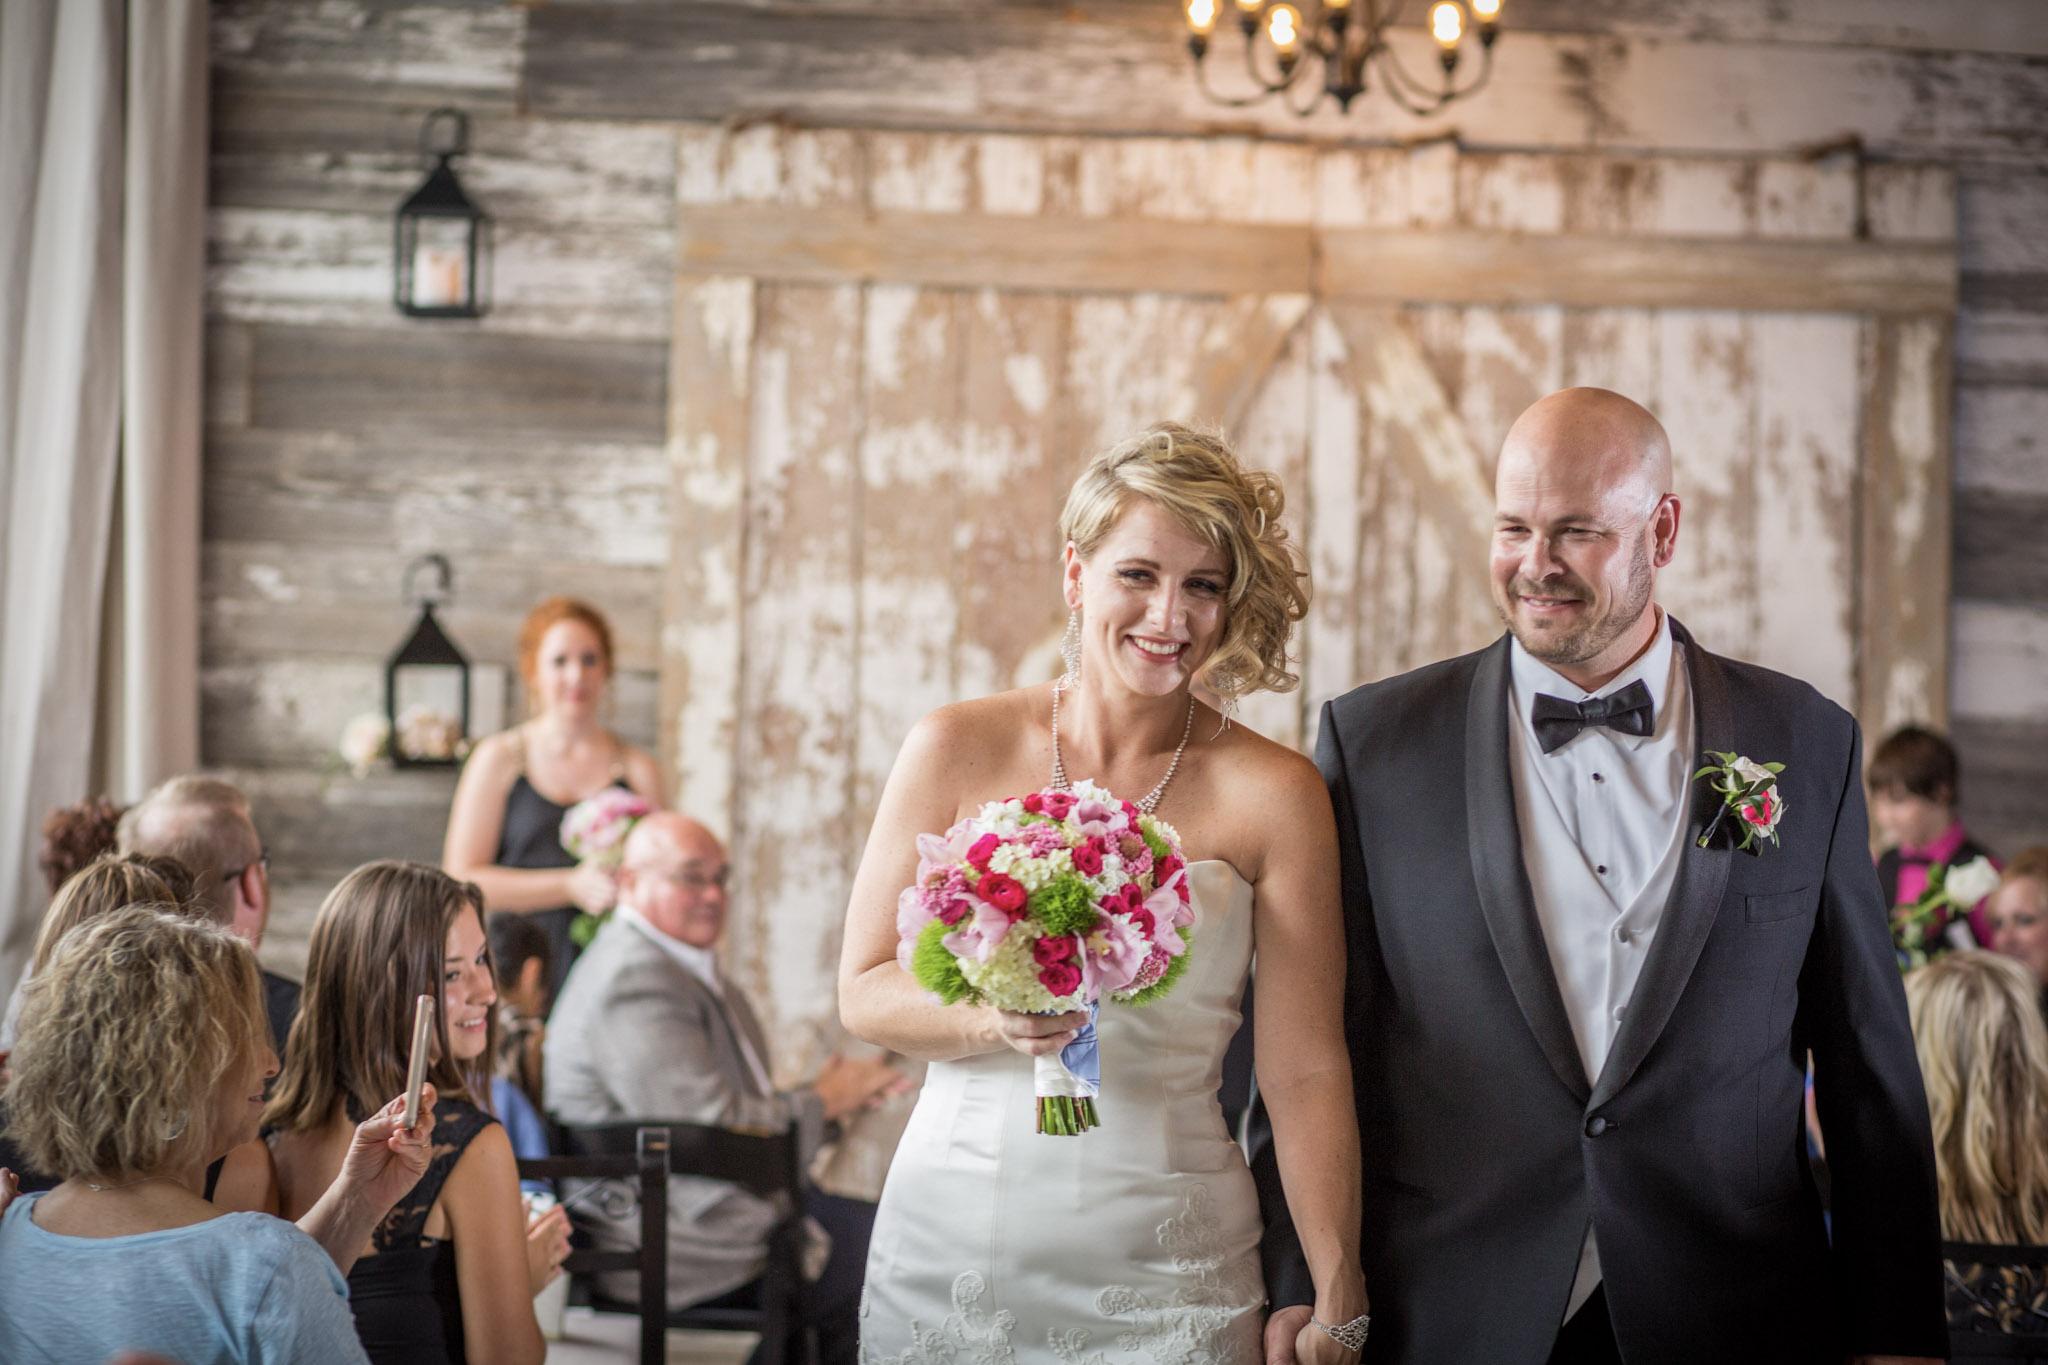 Kansas+City-Small+Wedding-Elope_Intimate_Ceremony_Melanie+David-9.jpg